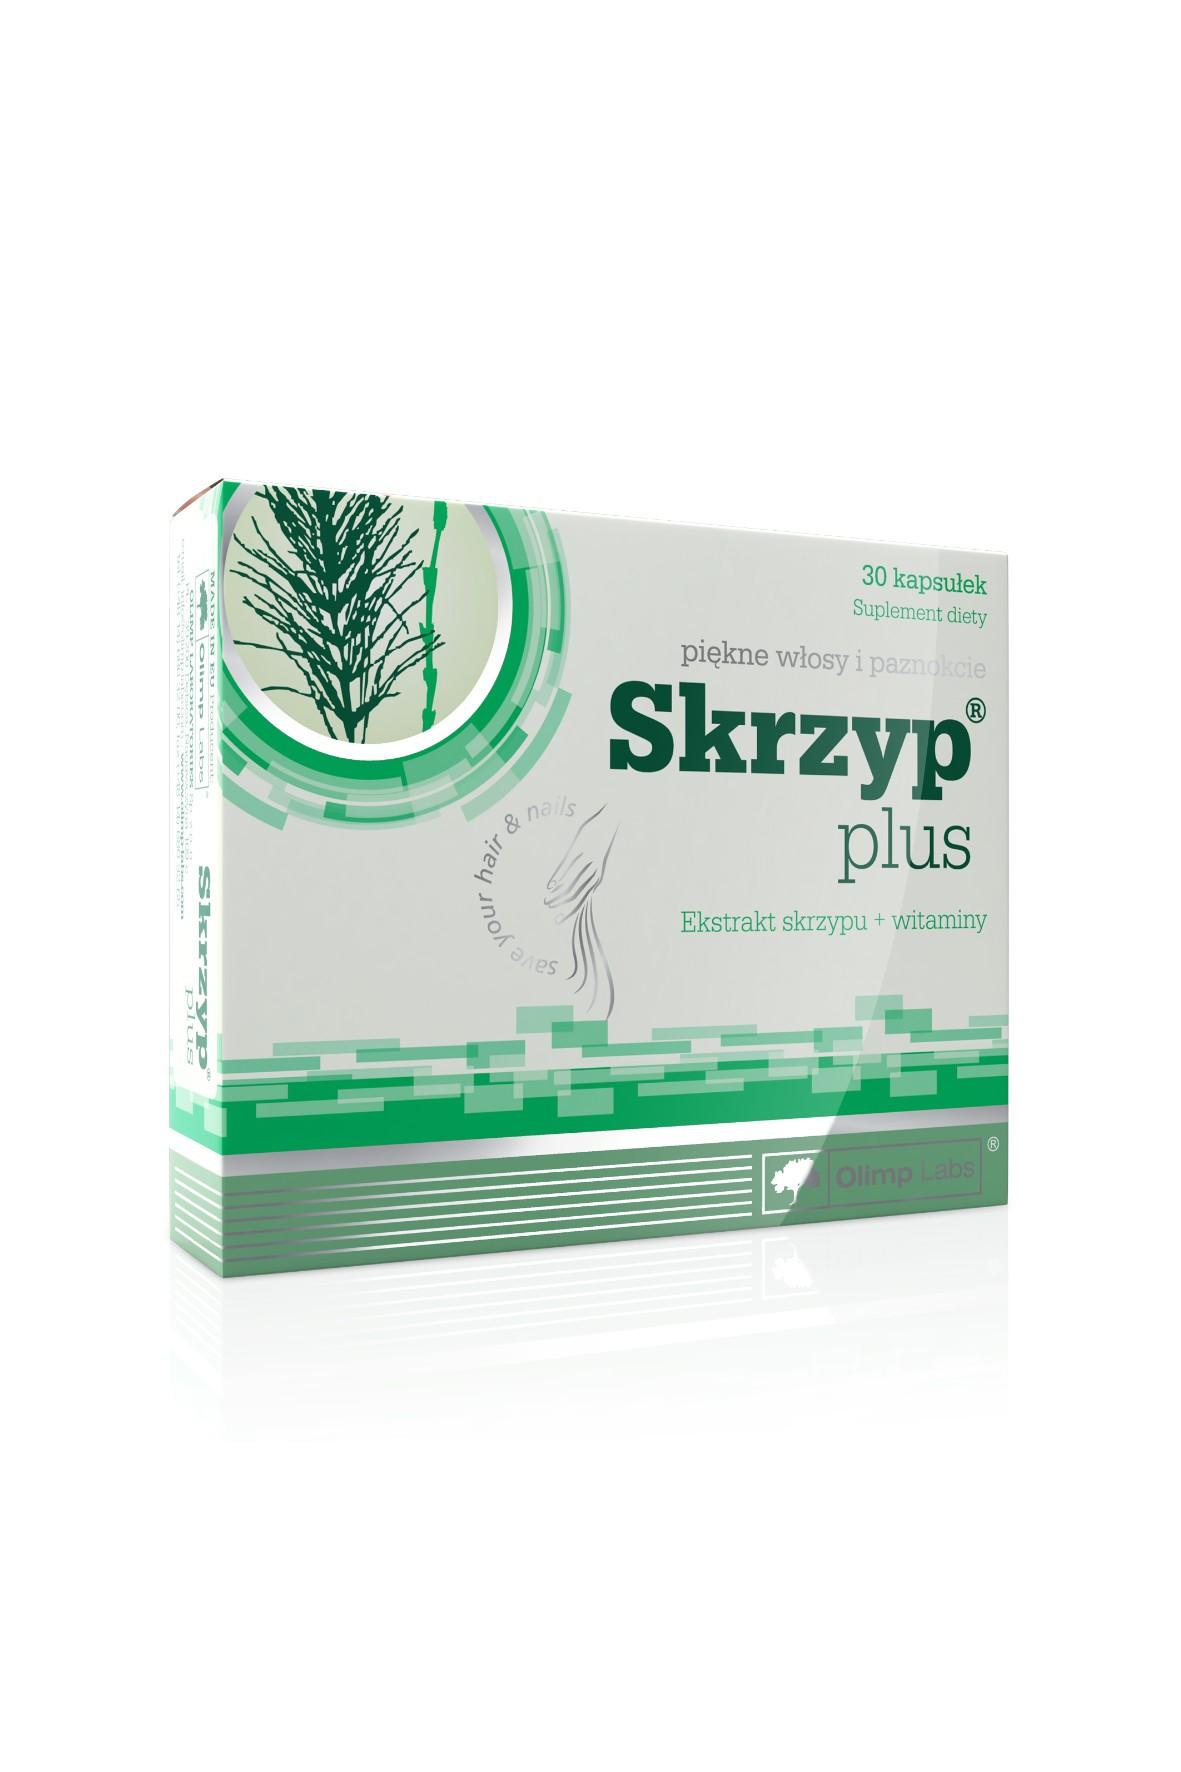 OLIMP Skrzyp Plus blistry na włosy i paznokcie 30 kapsułek